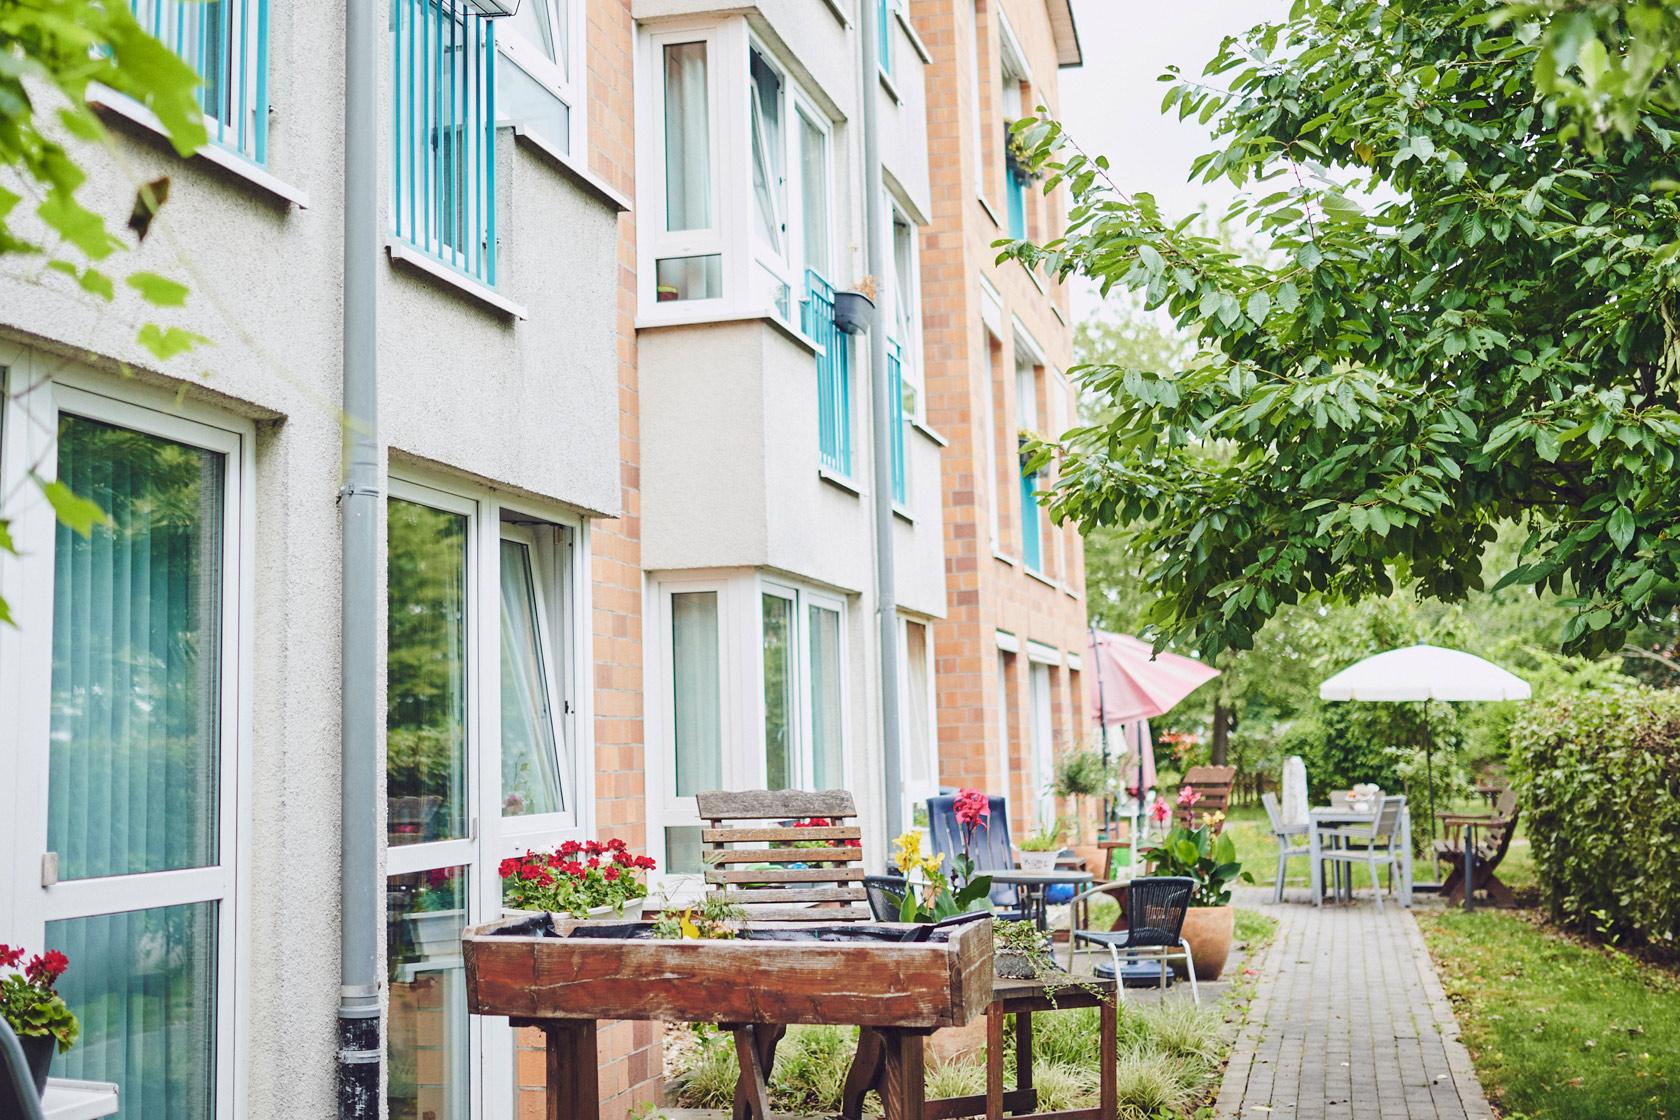 Außenansicht mit Sitzgelegenheiten und Hochbeeten am Johanniter-Stift Meerbusch